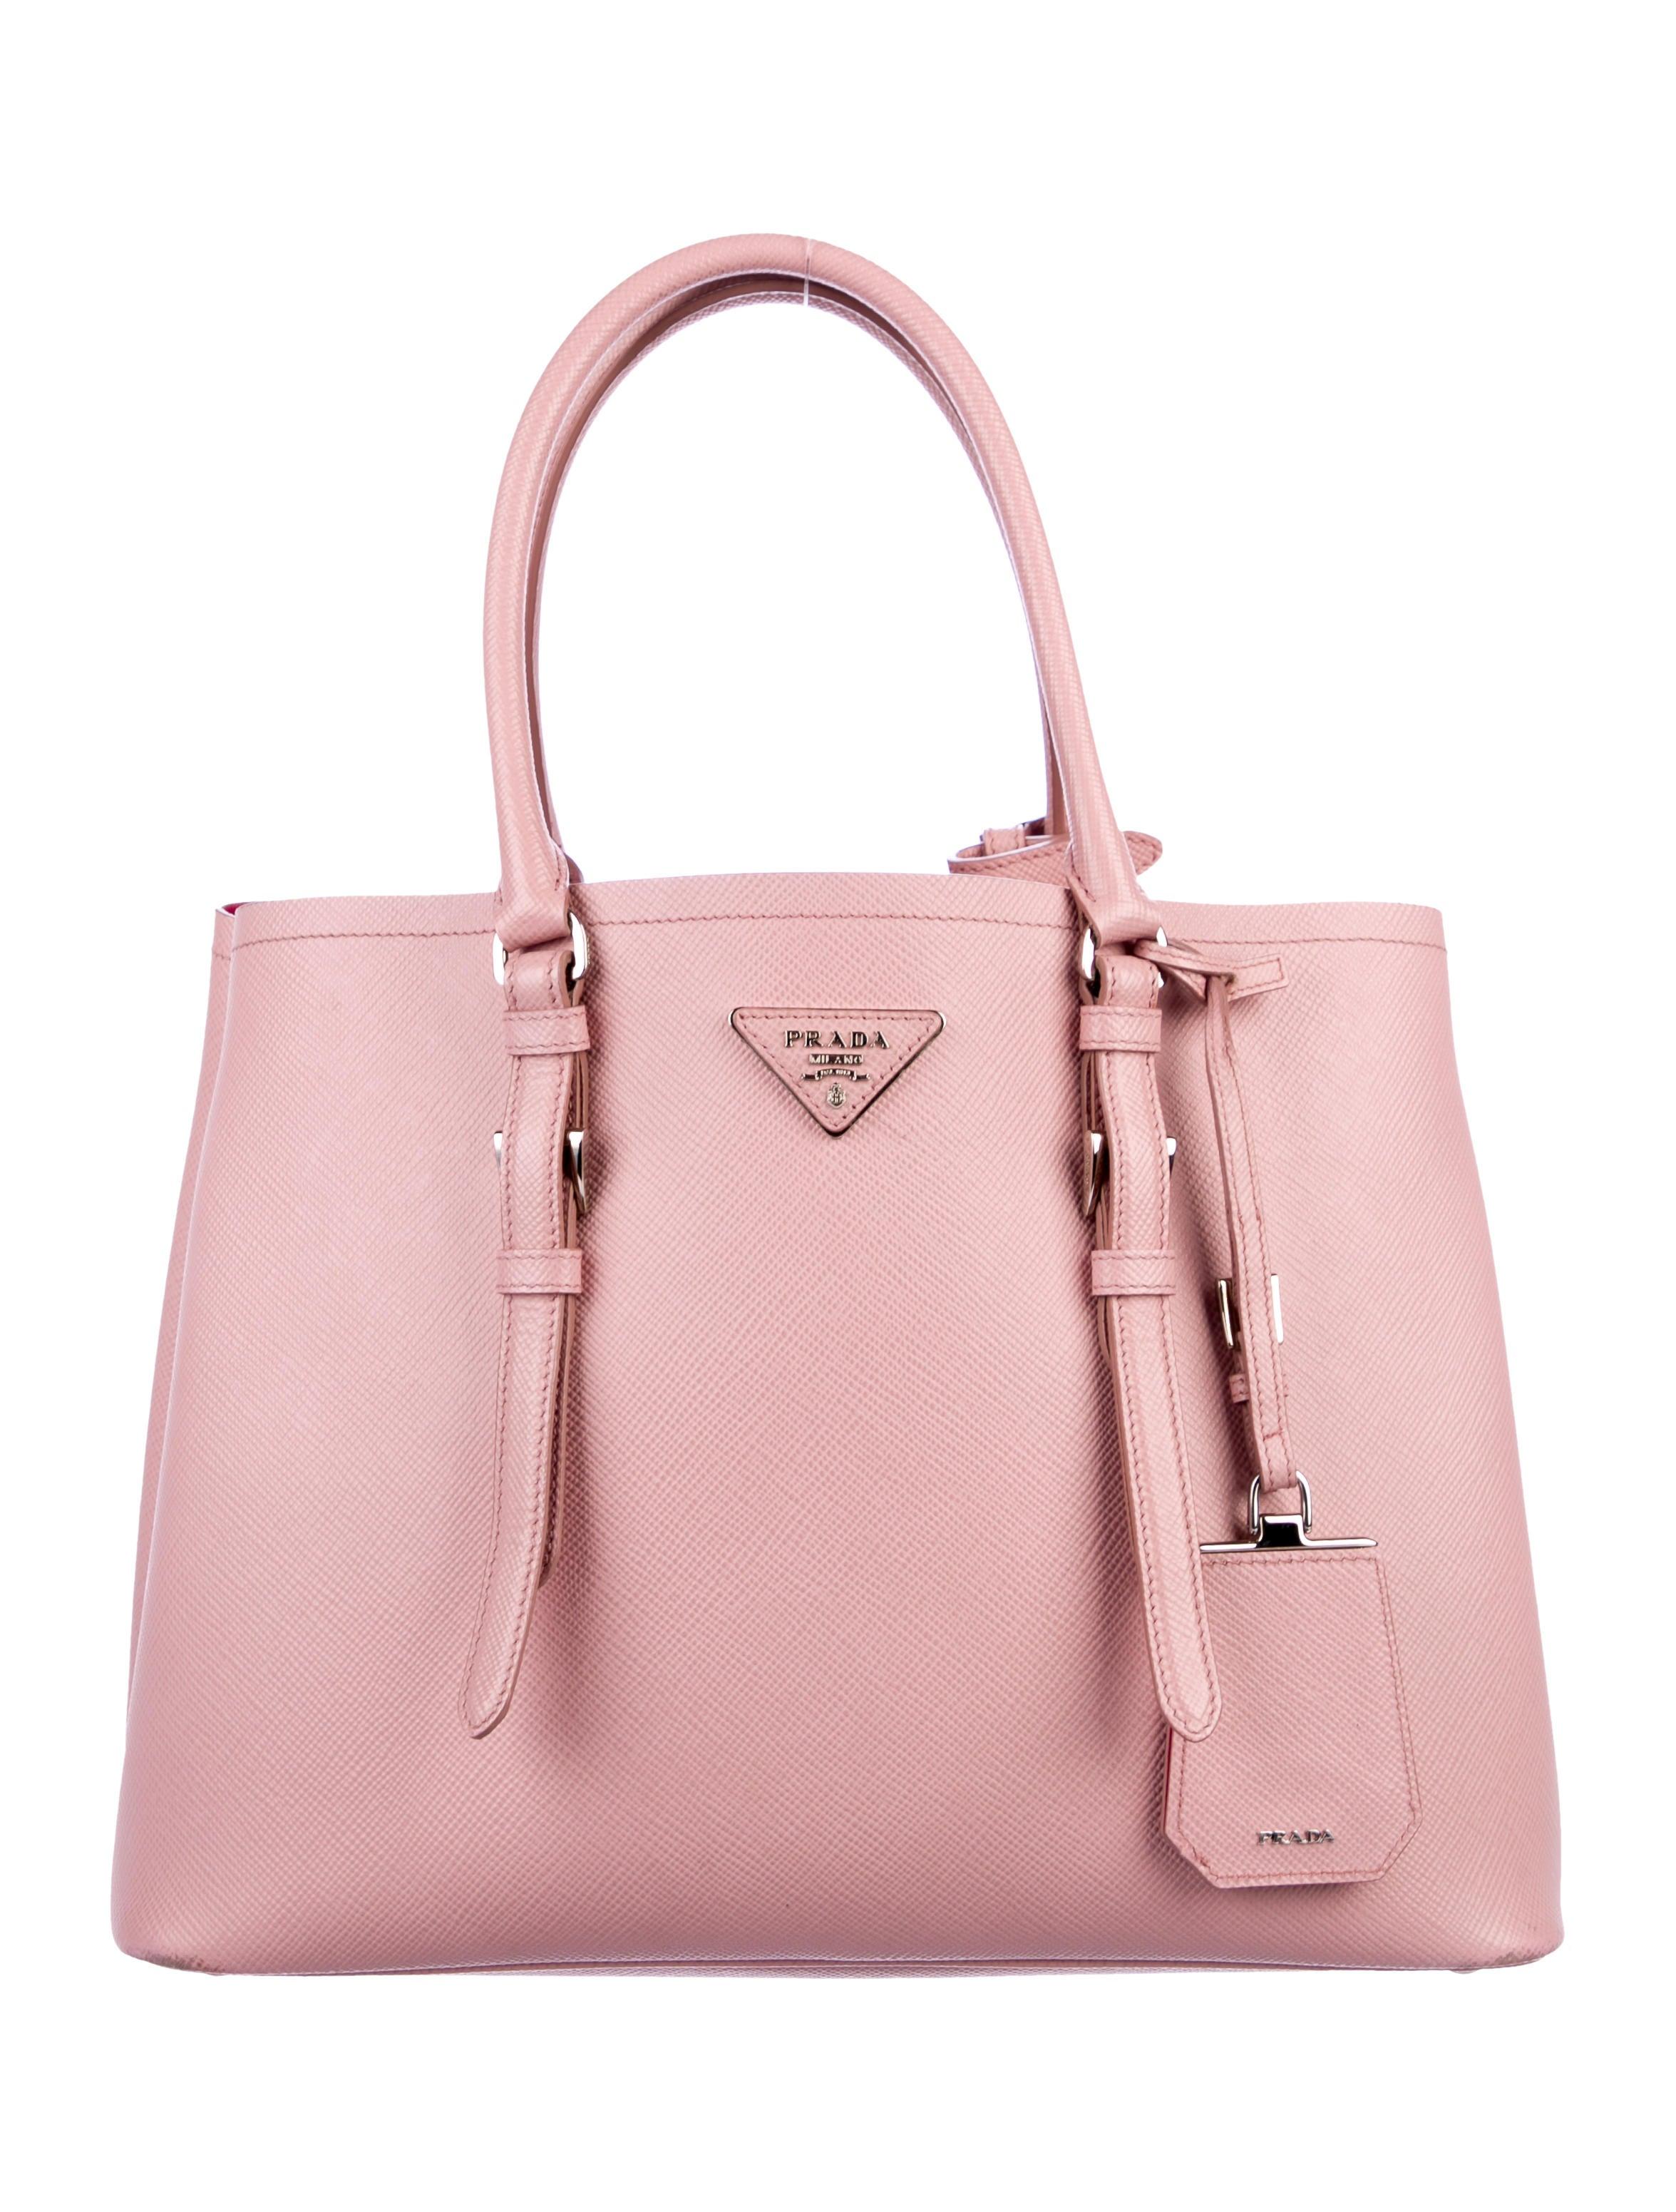 66d1a31506 Prada Handbags